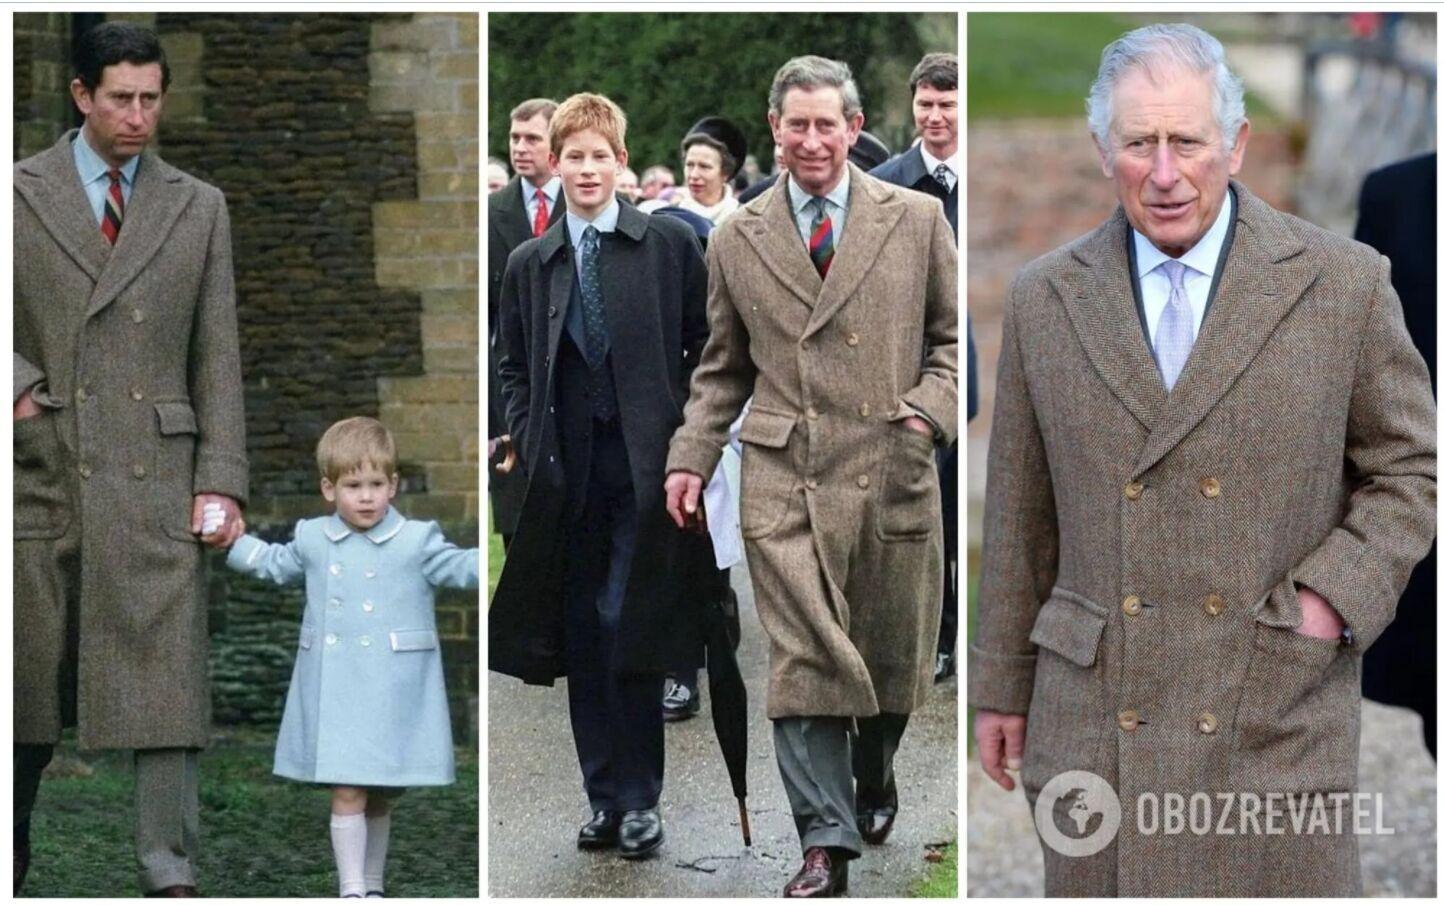 Сын королевы Елизаветы принц Чарльз носит одно и то же твидовое пальто от Anderson & Sheppard